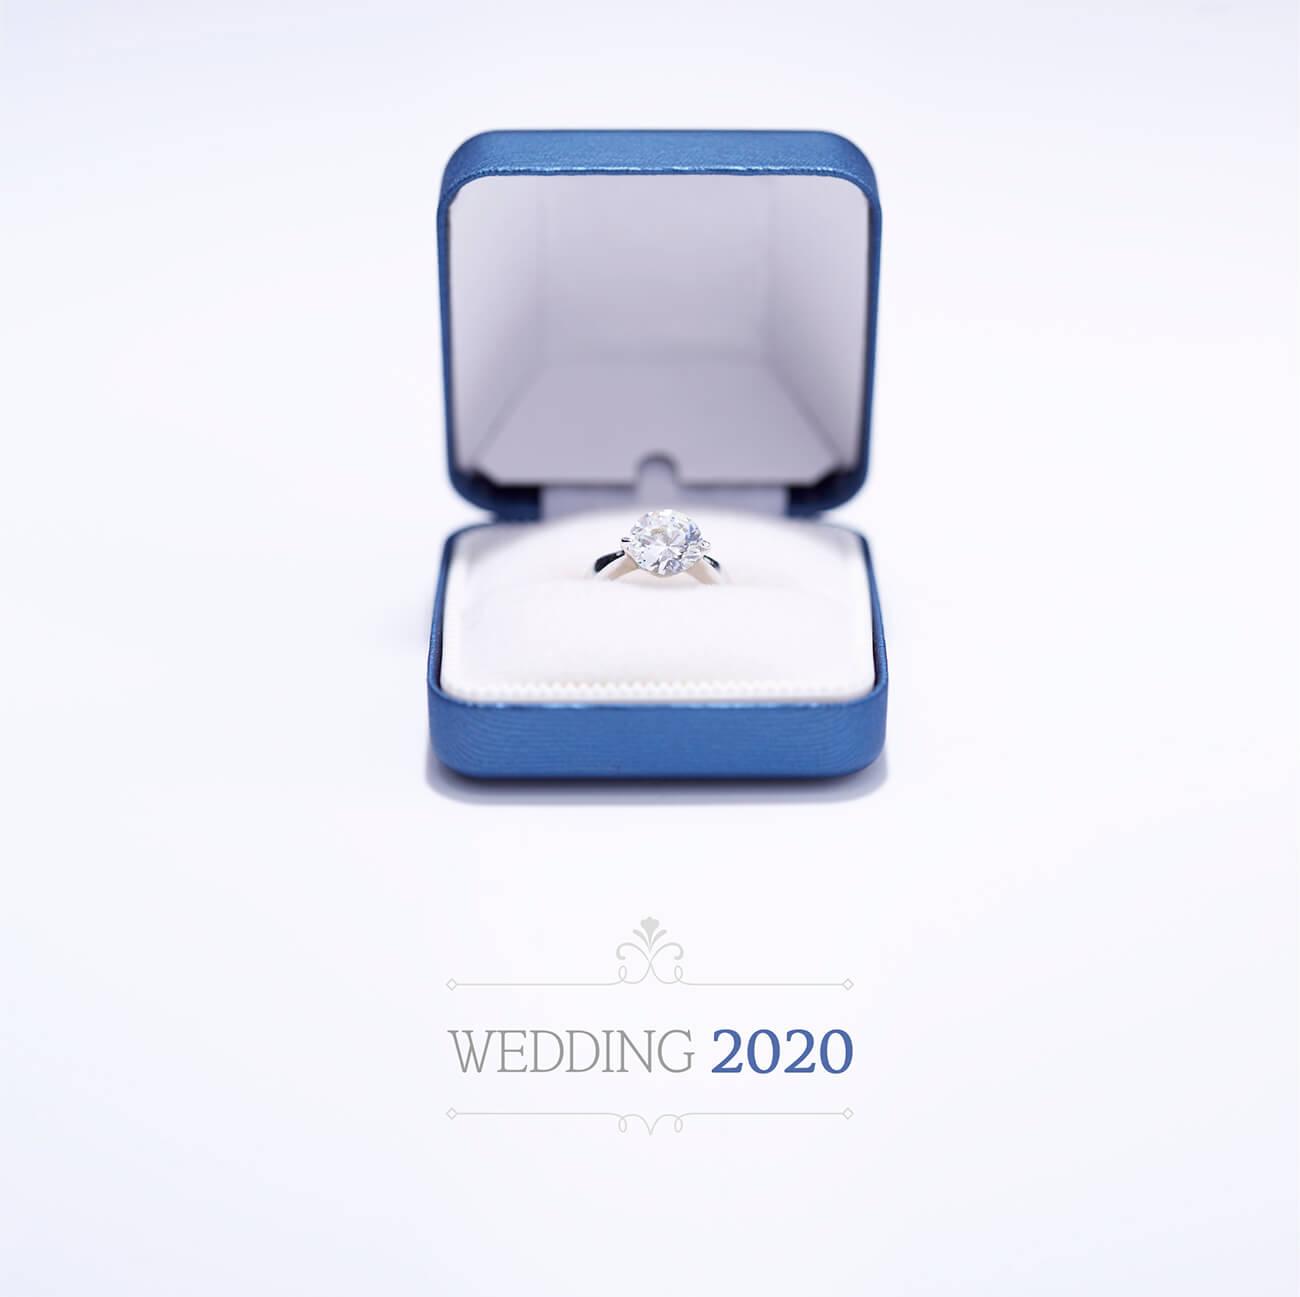 웨딩 프로포즈 반지 선물